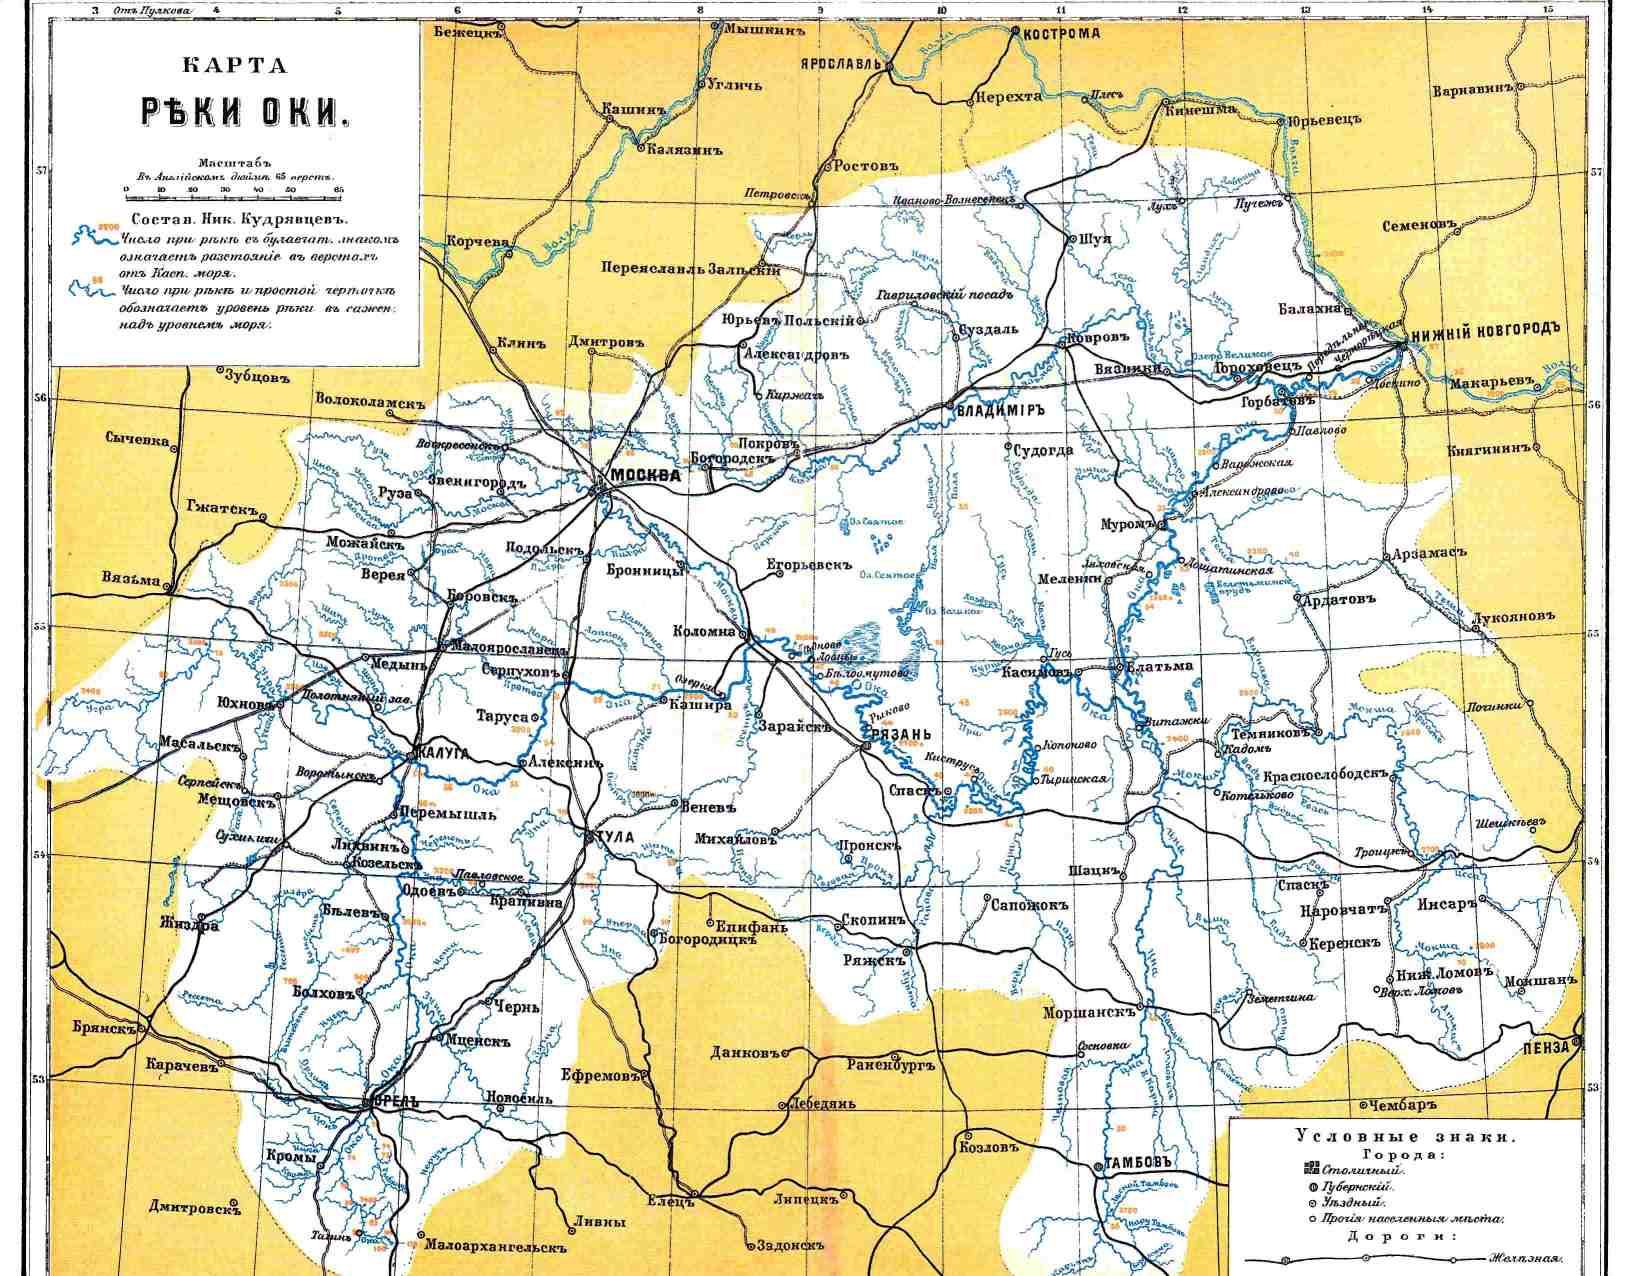 Куда впадает москва река схема 1 класс фото 523